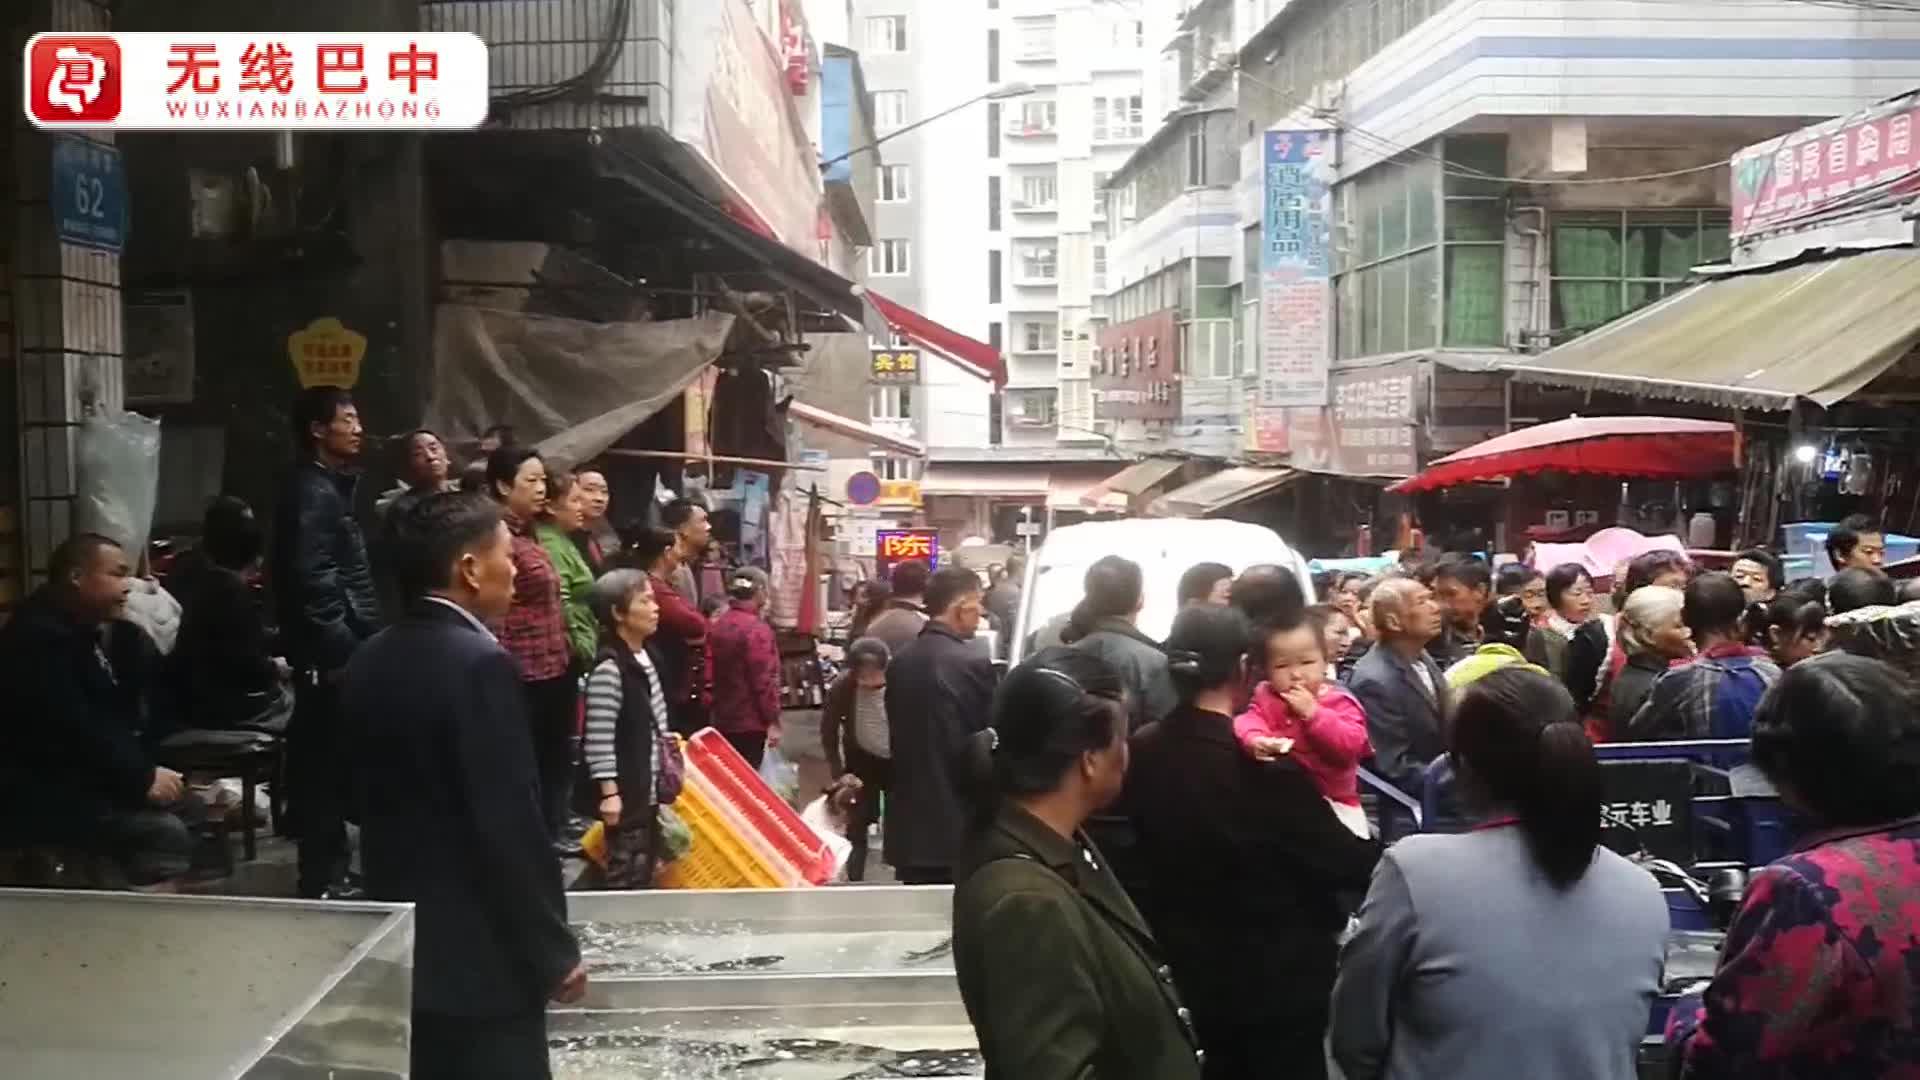 巴城:闹市冲突 宝马男子当街持棍状物打人